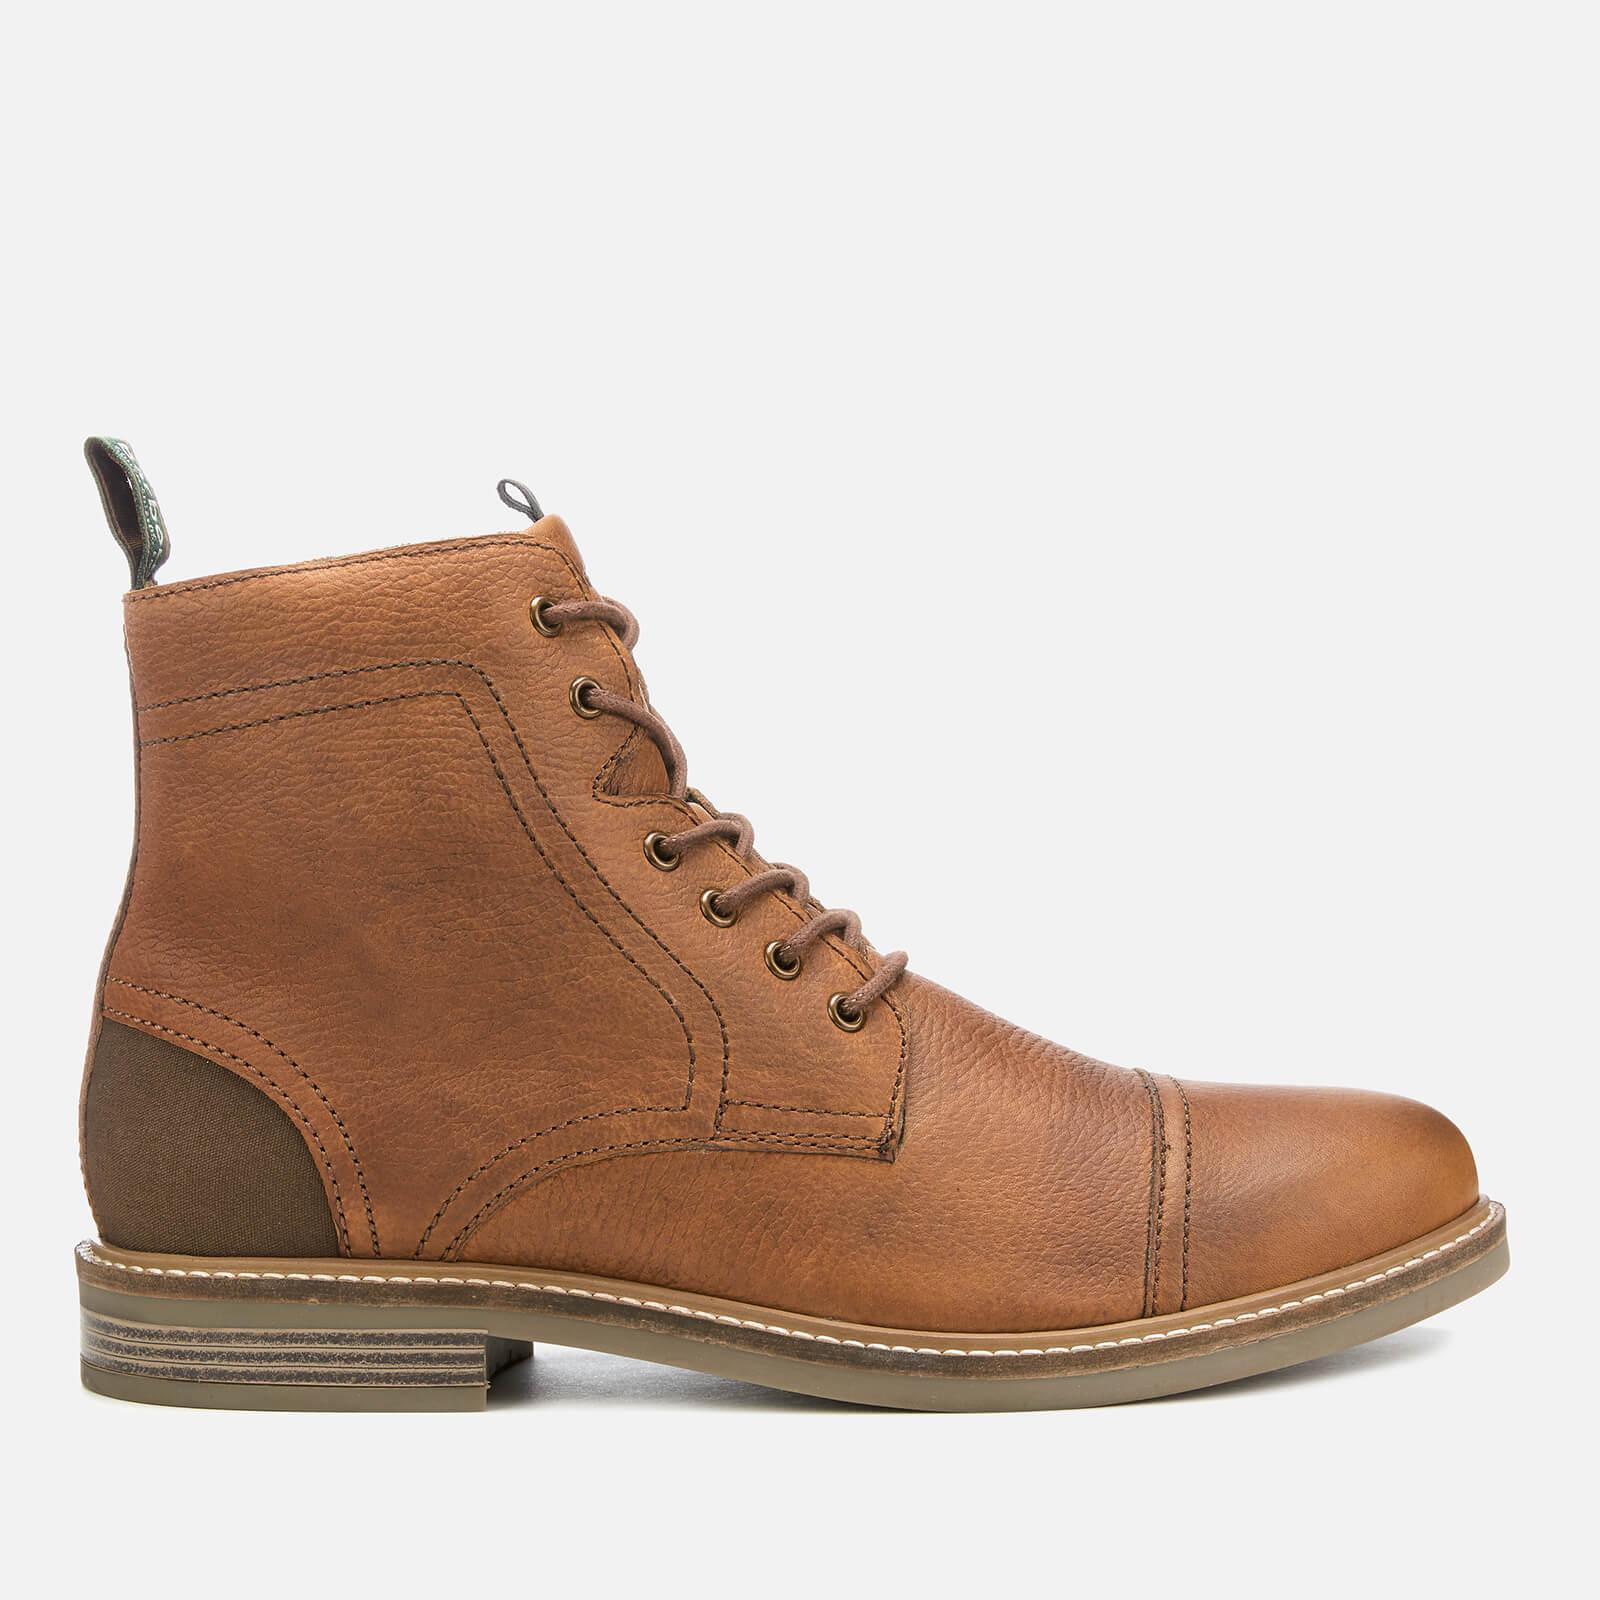 0421803fa4c Barbour Men's Dalton Leather Toe Cap Lace Up Boots - Cognac Texas